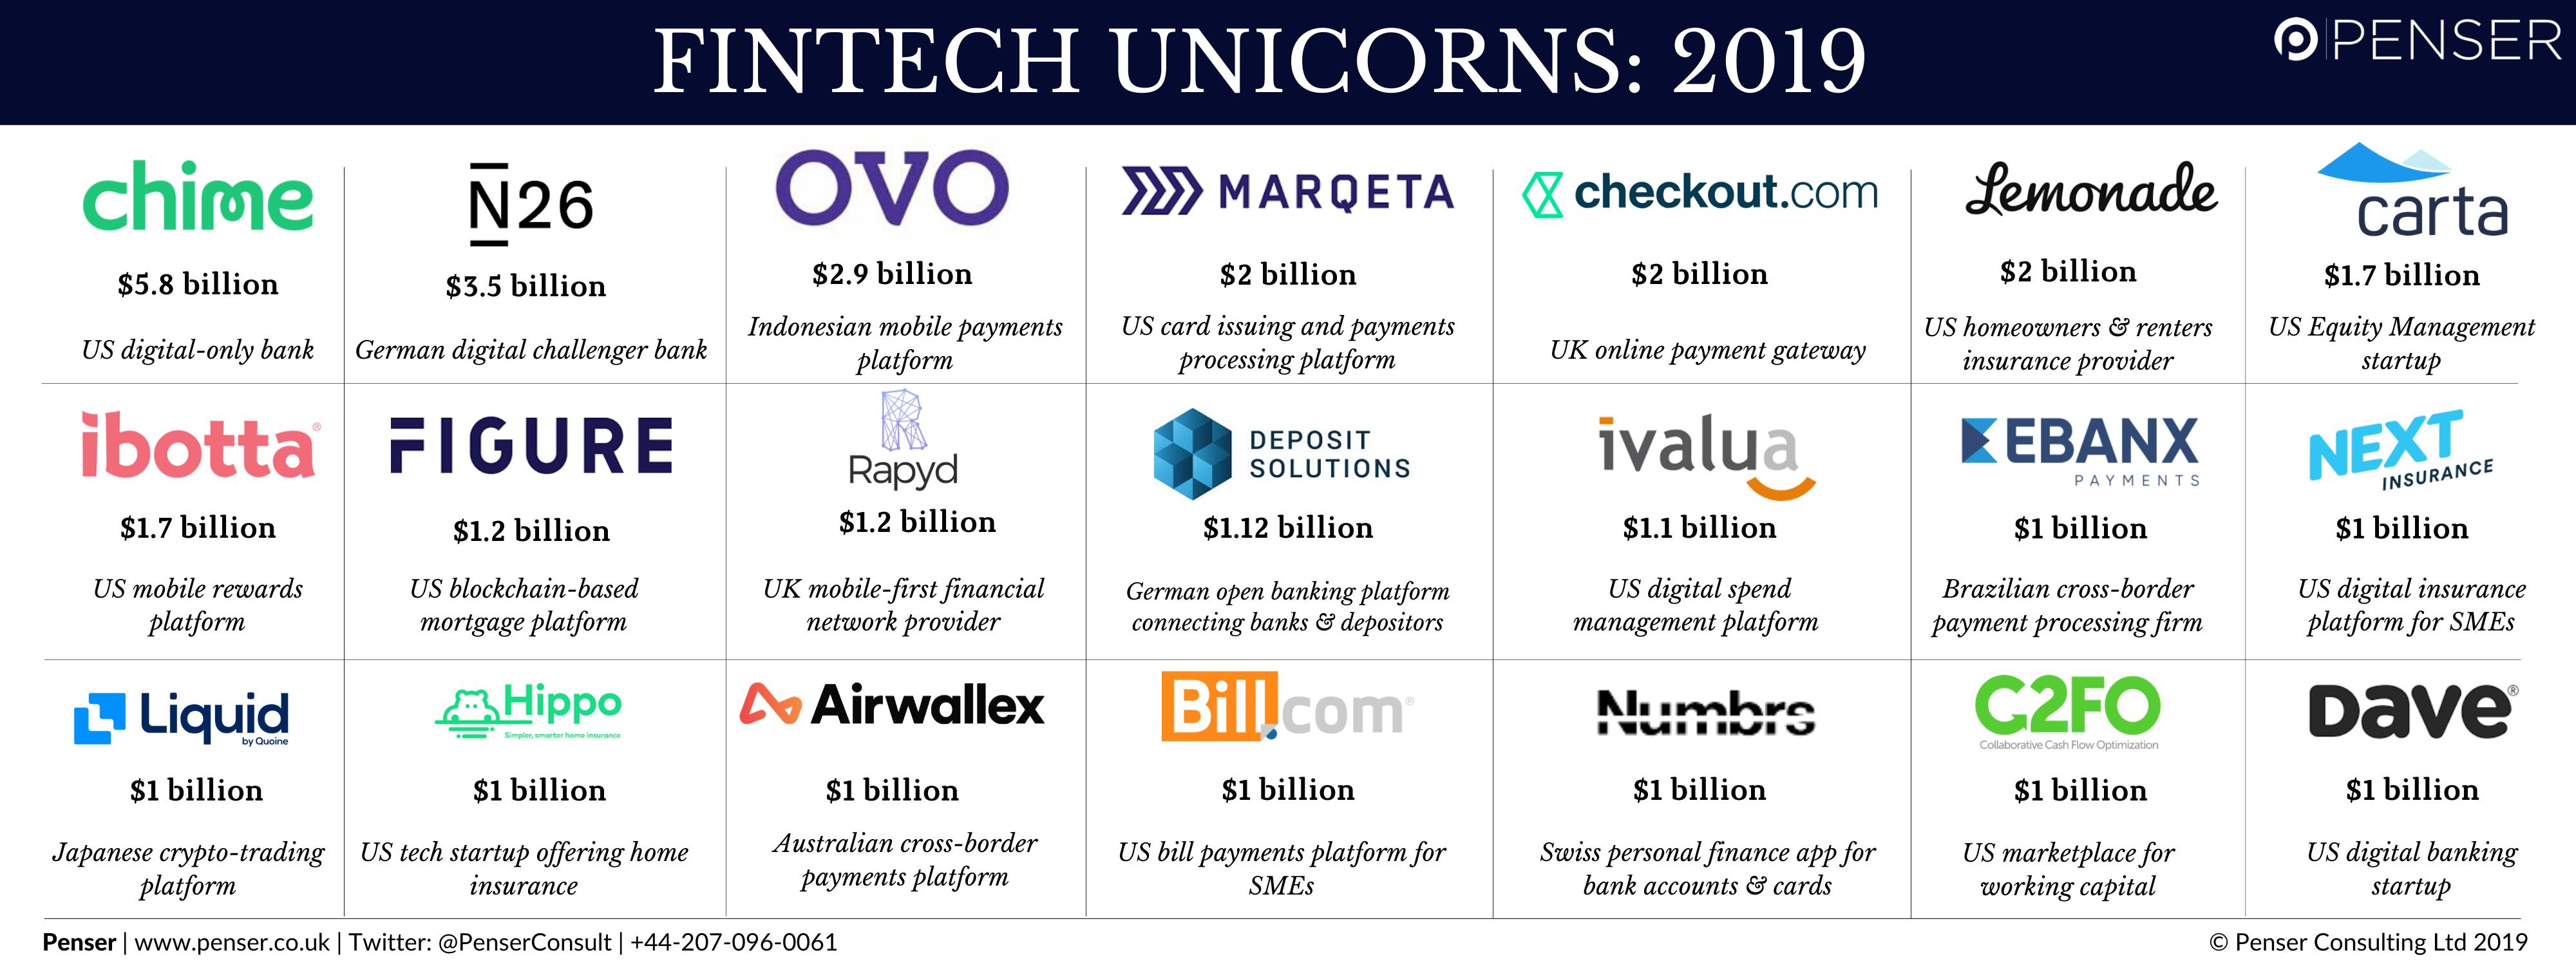 Penser Fintech Unicorns 2019